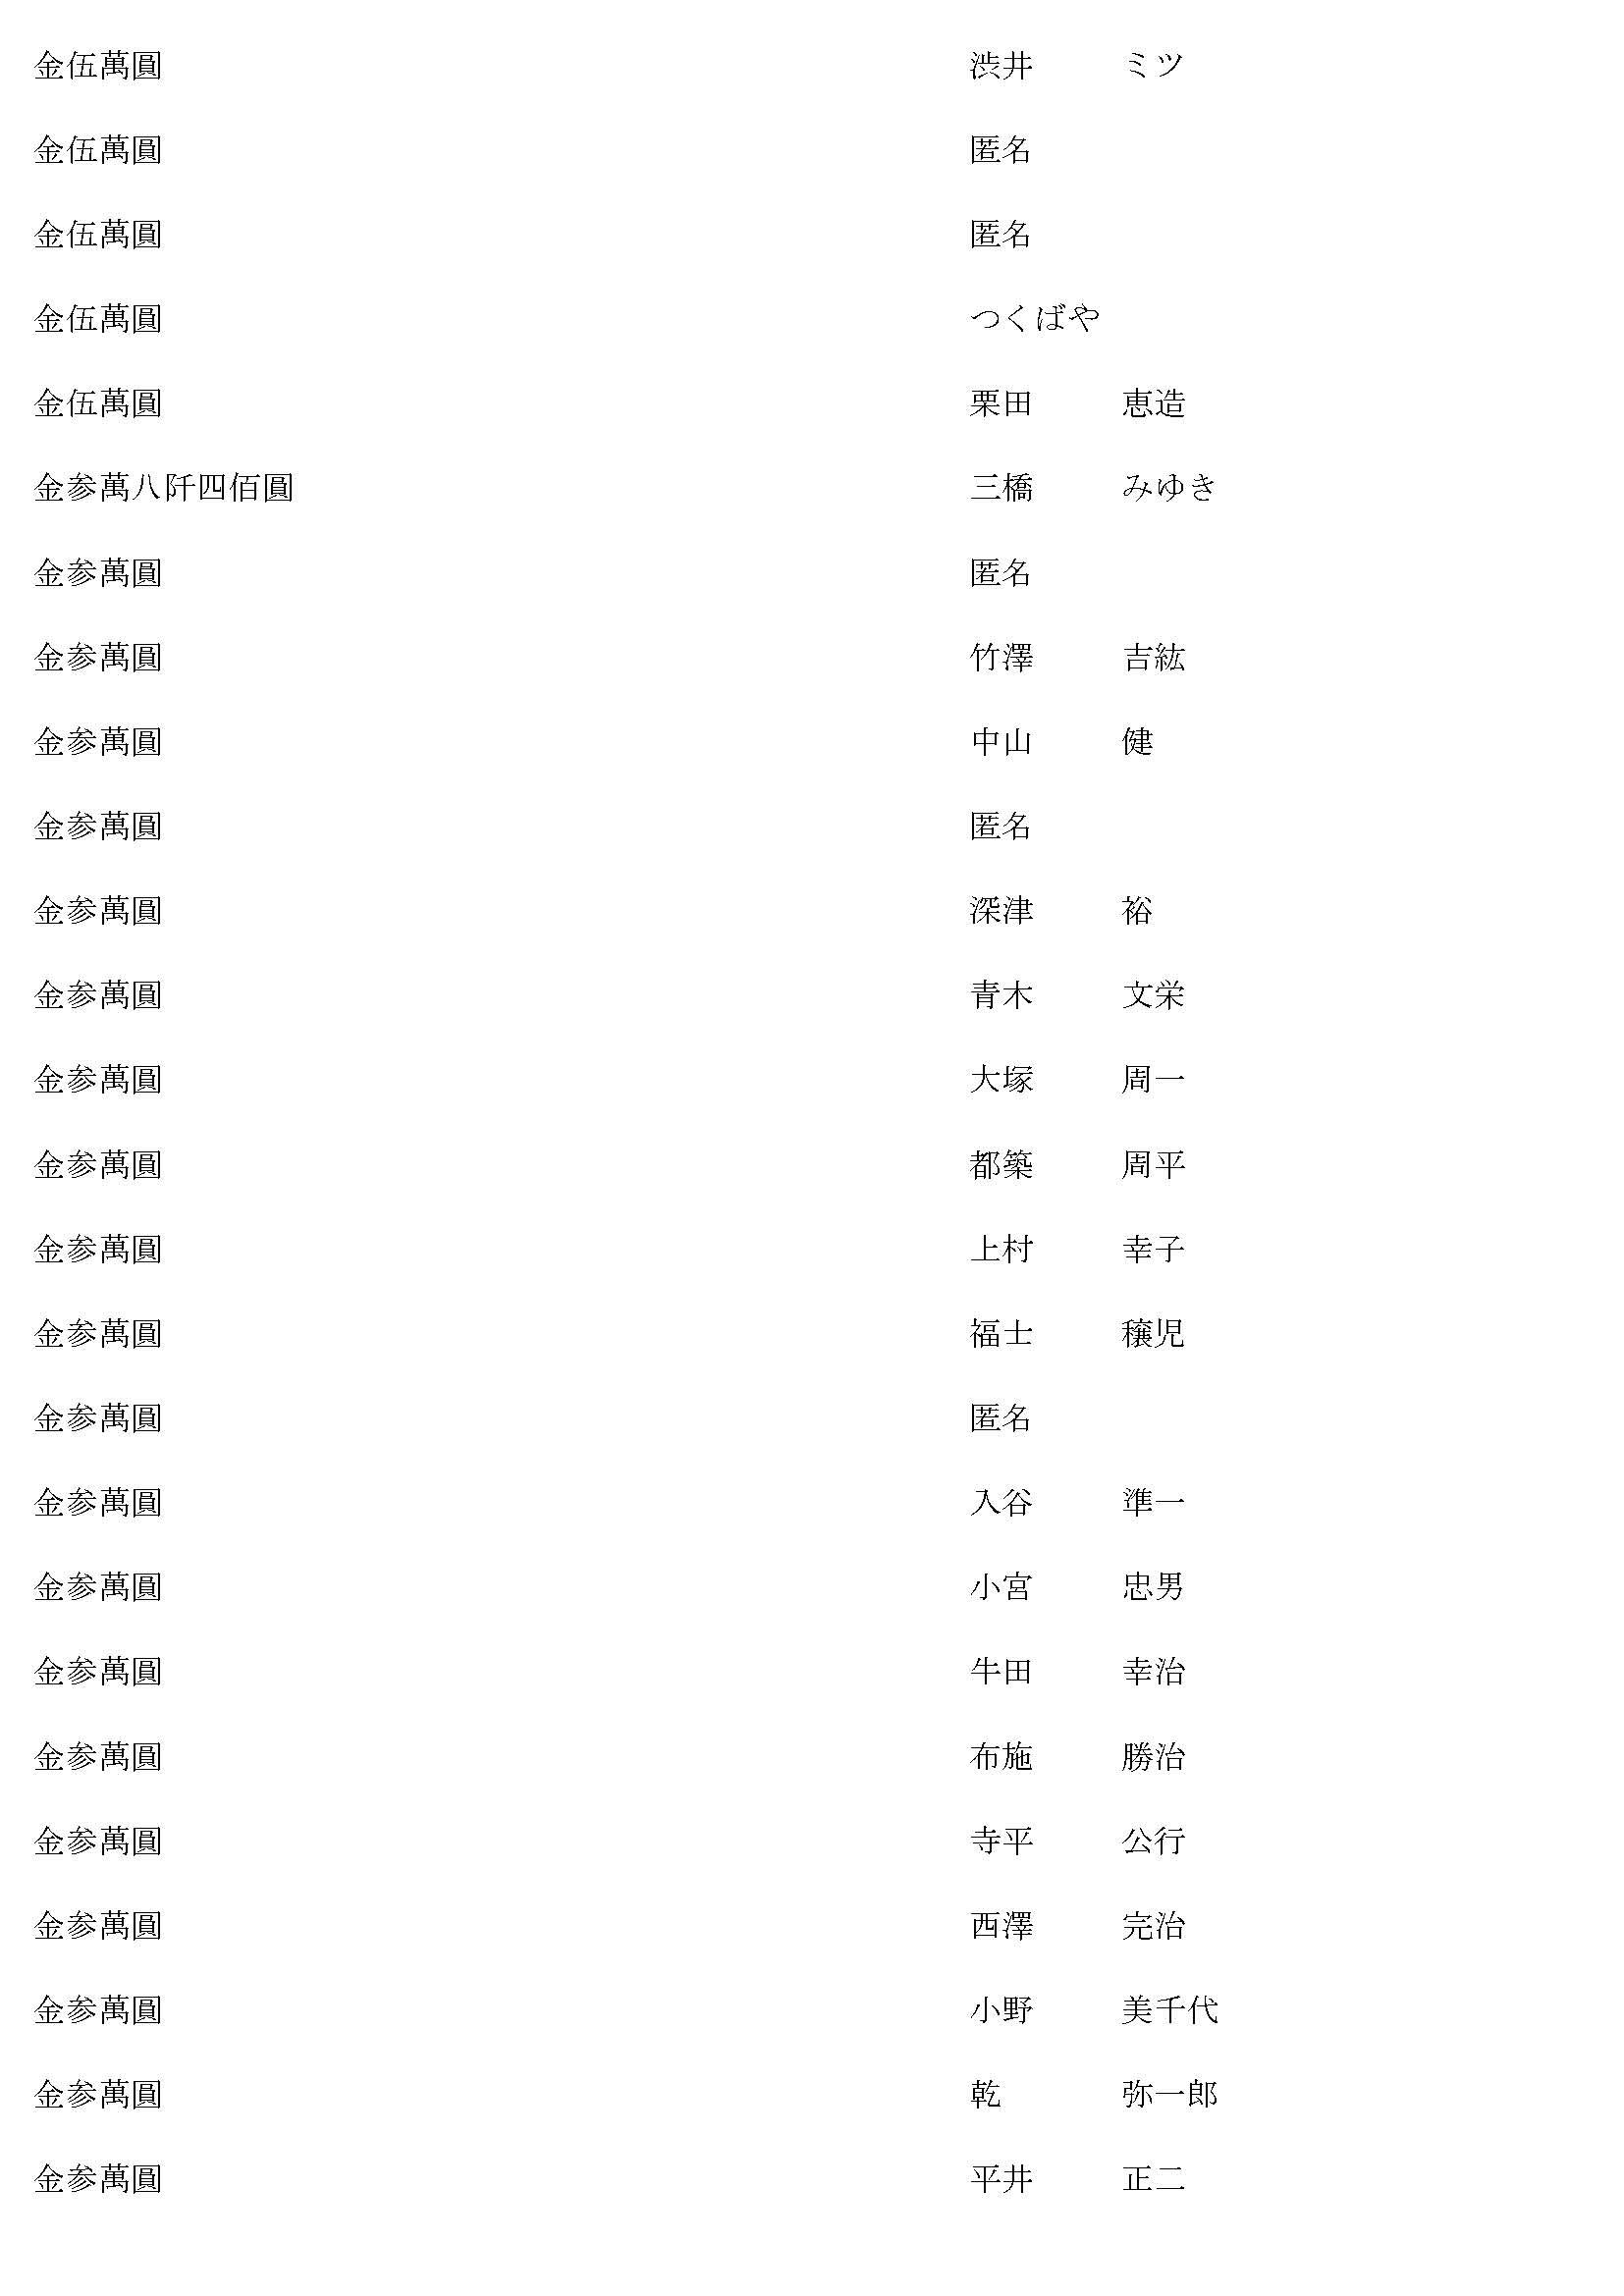 御鎮座七百年記念事業奉賛者御芳名簿6